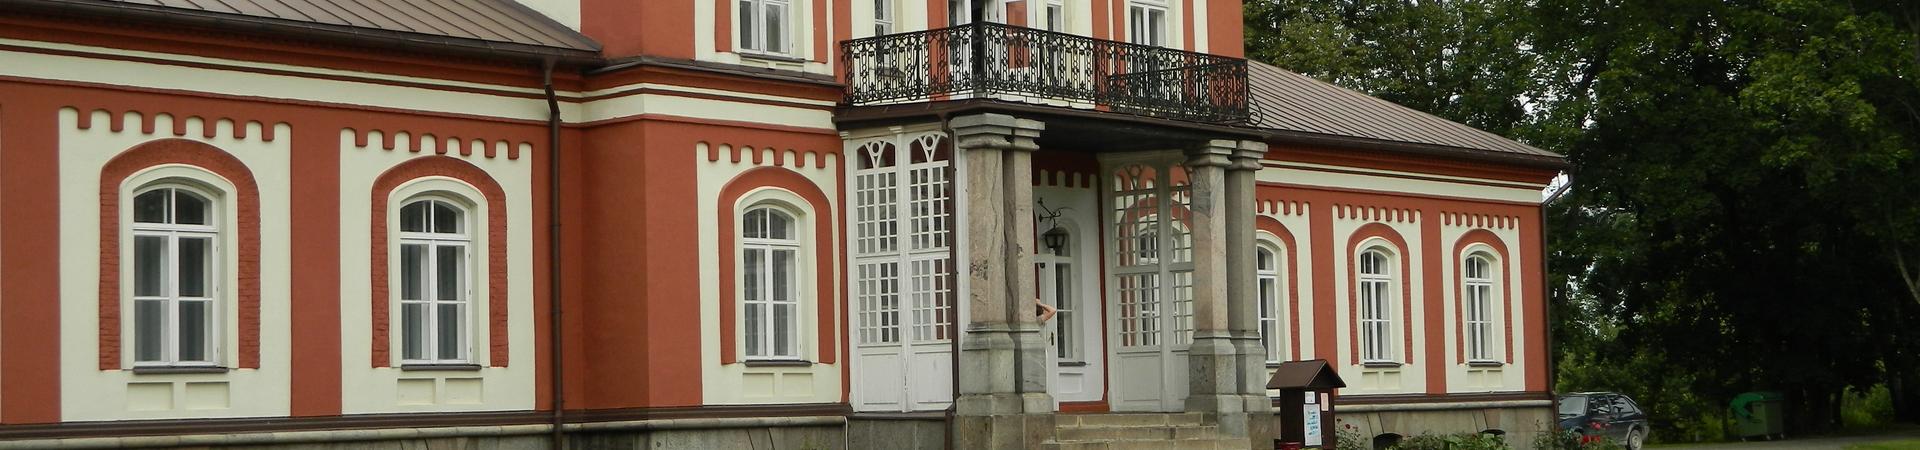 Alantos - mažosios Lietuvos kultūros sostinės ir amatų centro atidarymo šventė